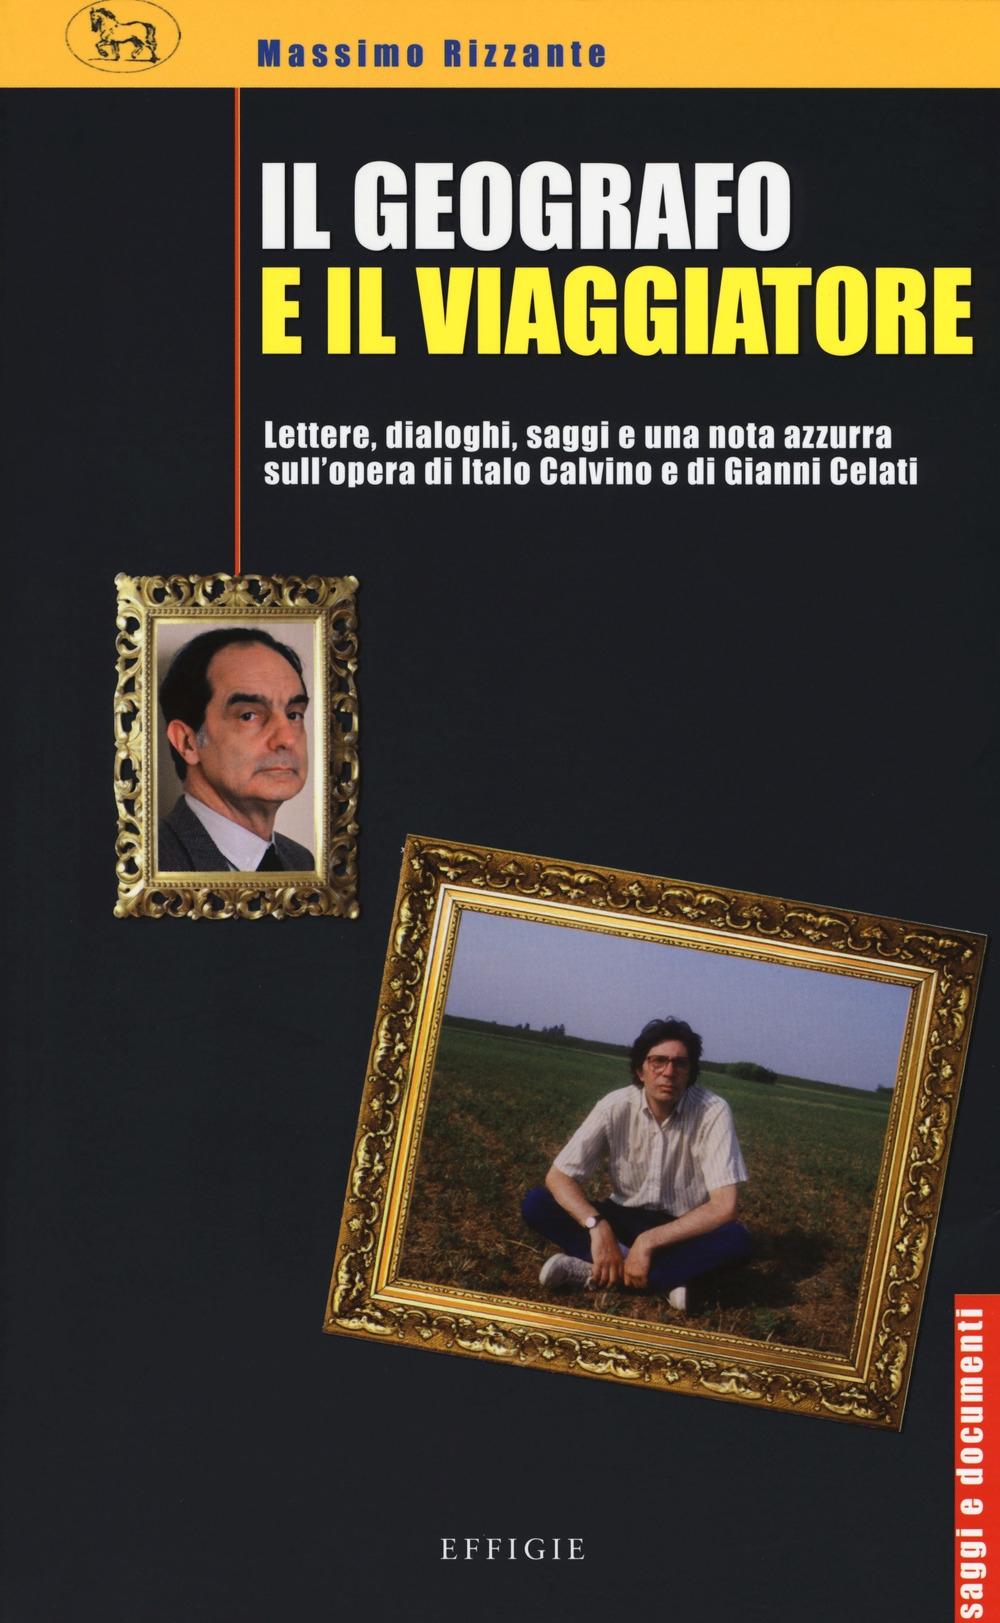 Il geografo e il viaggiatore. Lettere, dialoghi, saggi e una nota azzurra sulla prosa di Italo Calvino e Gianni Celati